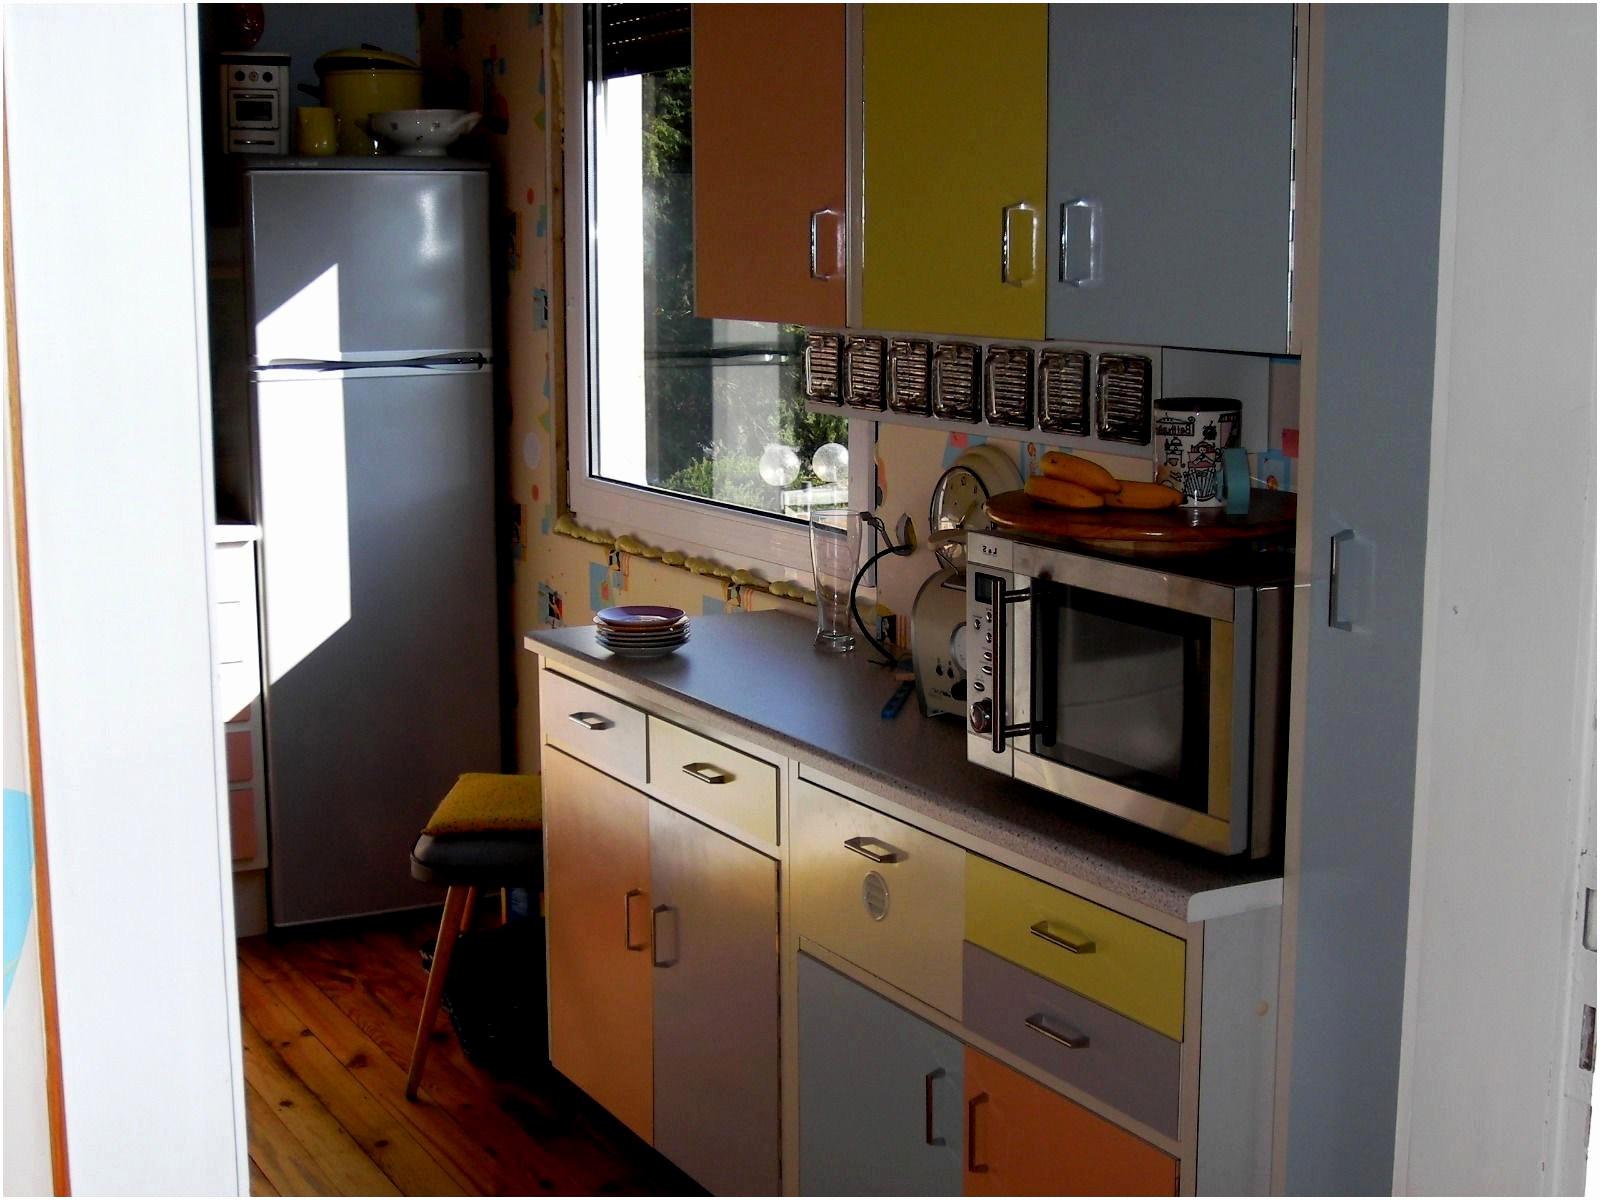 Full Size of Ikea Värde Schrankküche Miniküche Küche Kaufen Modulküche Kosten Betten 160x200 Sofa Mit Schlaffunktion Bei Wohnzimmer Ikea Värde Schrankküche